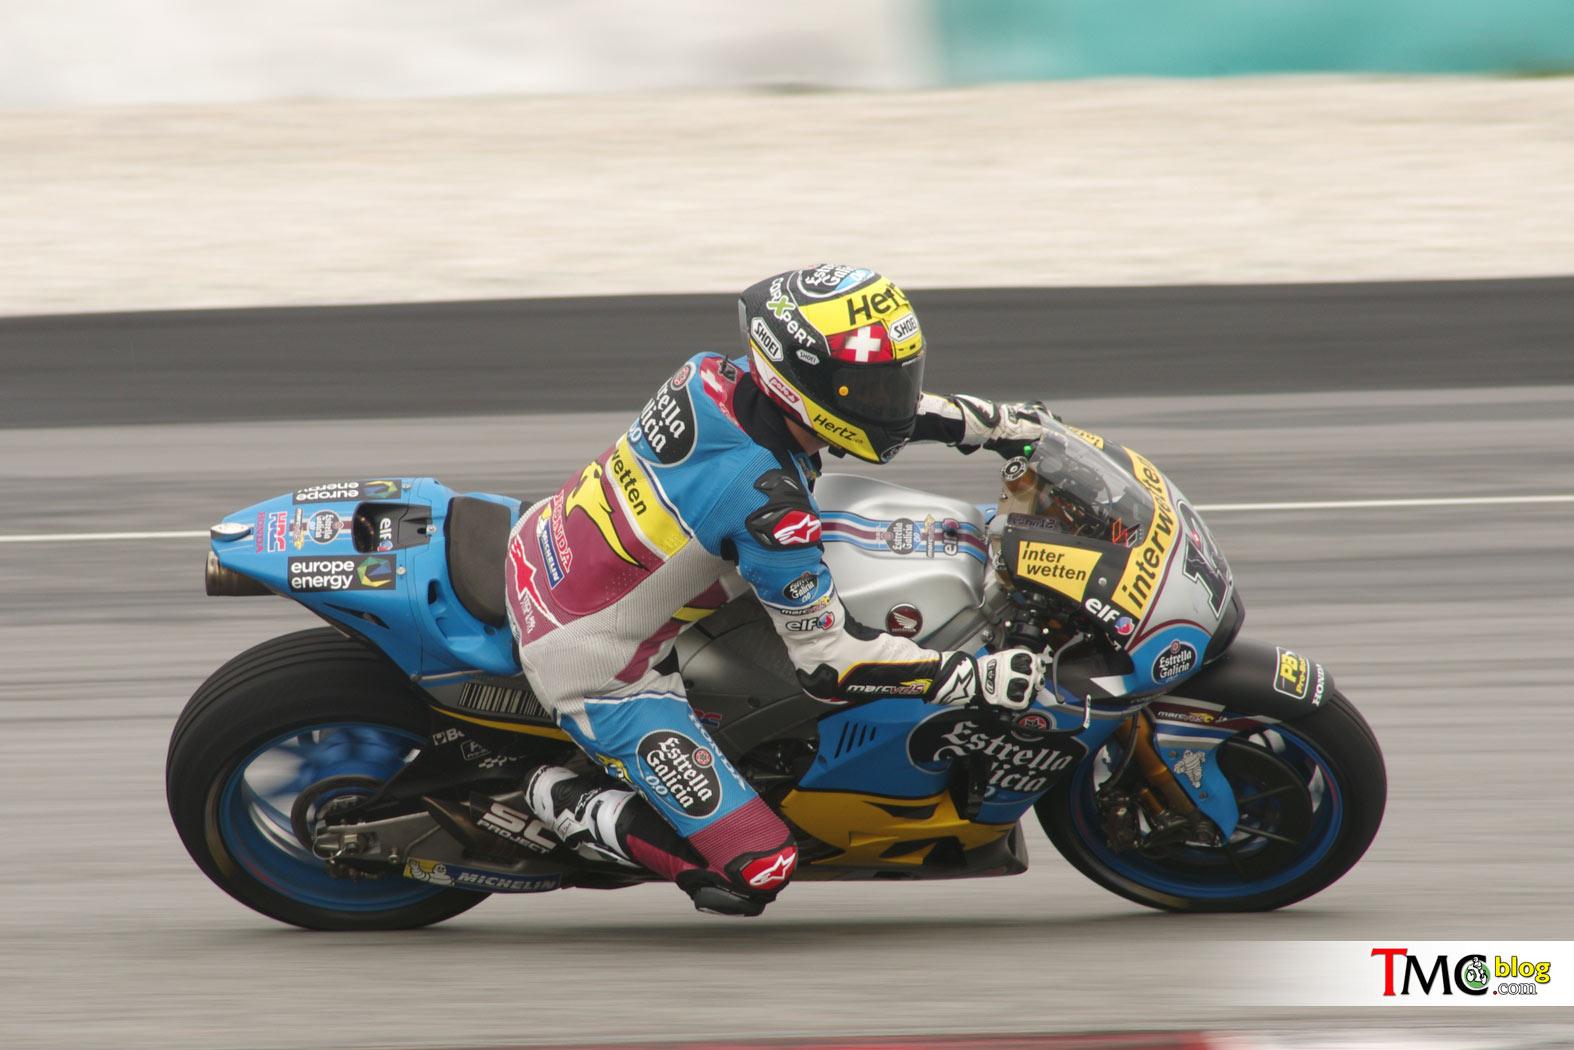 Встречайте RSV4 FW-GP, ответ от Aprilia на Honda RC213V